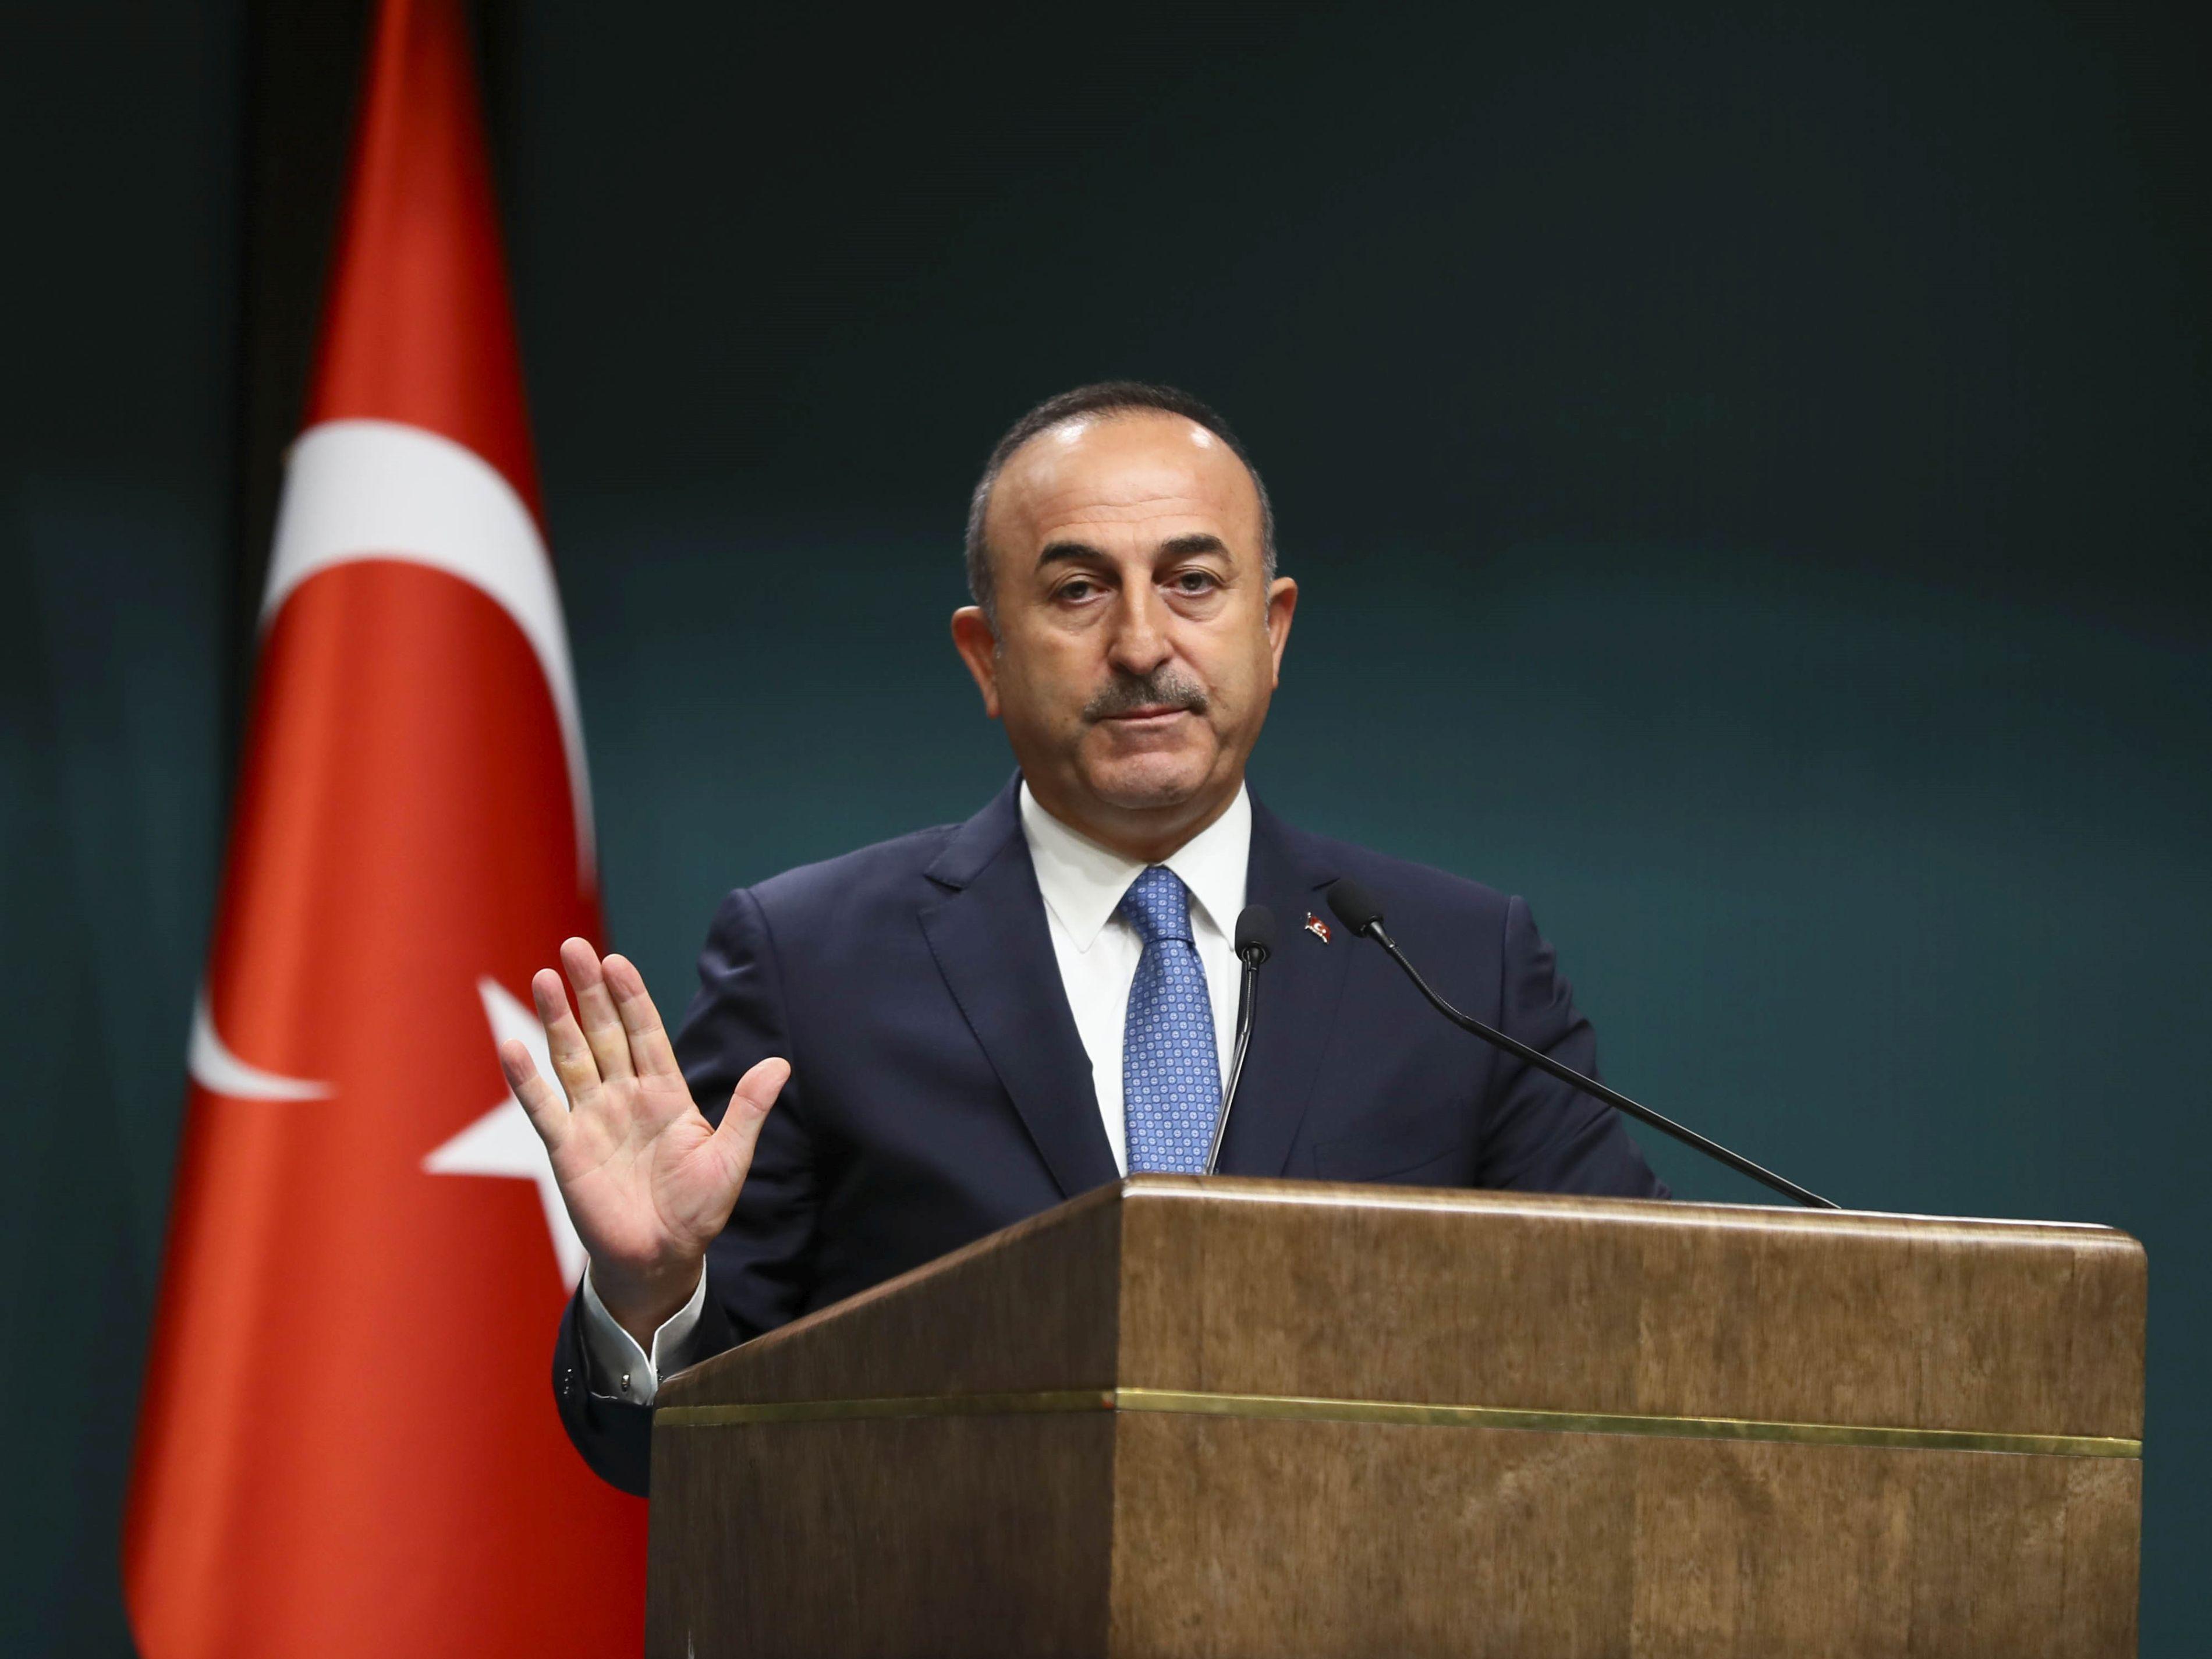 Ministrul turc de Externe: Ankara nu se va supune Statelor Unite pentru rezolvarea crizei diplomatice